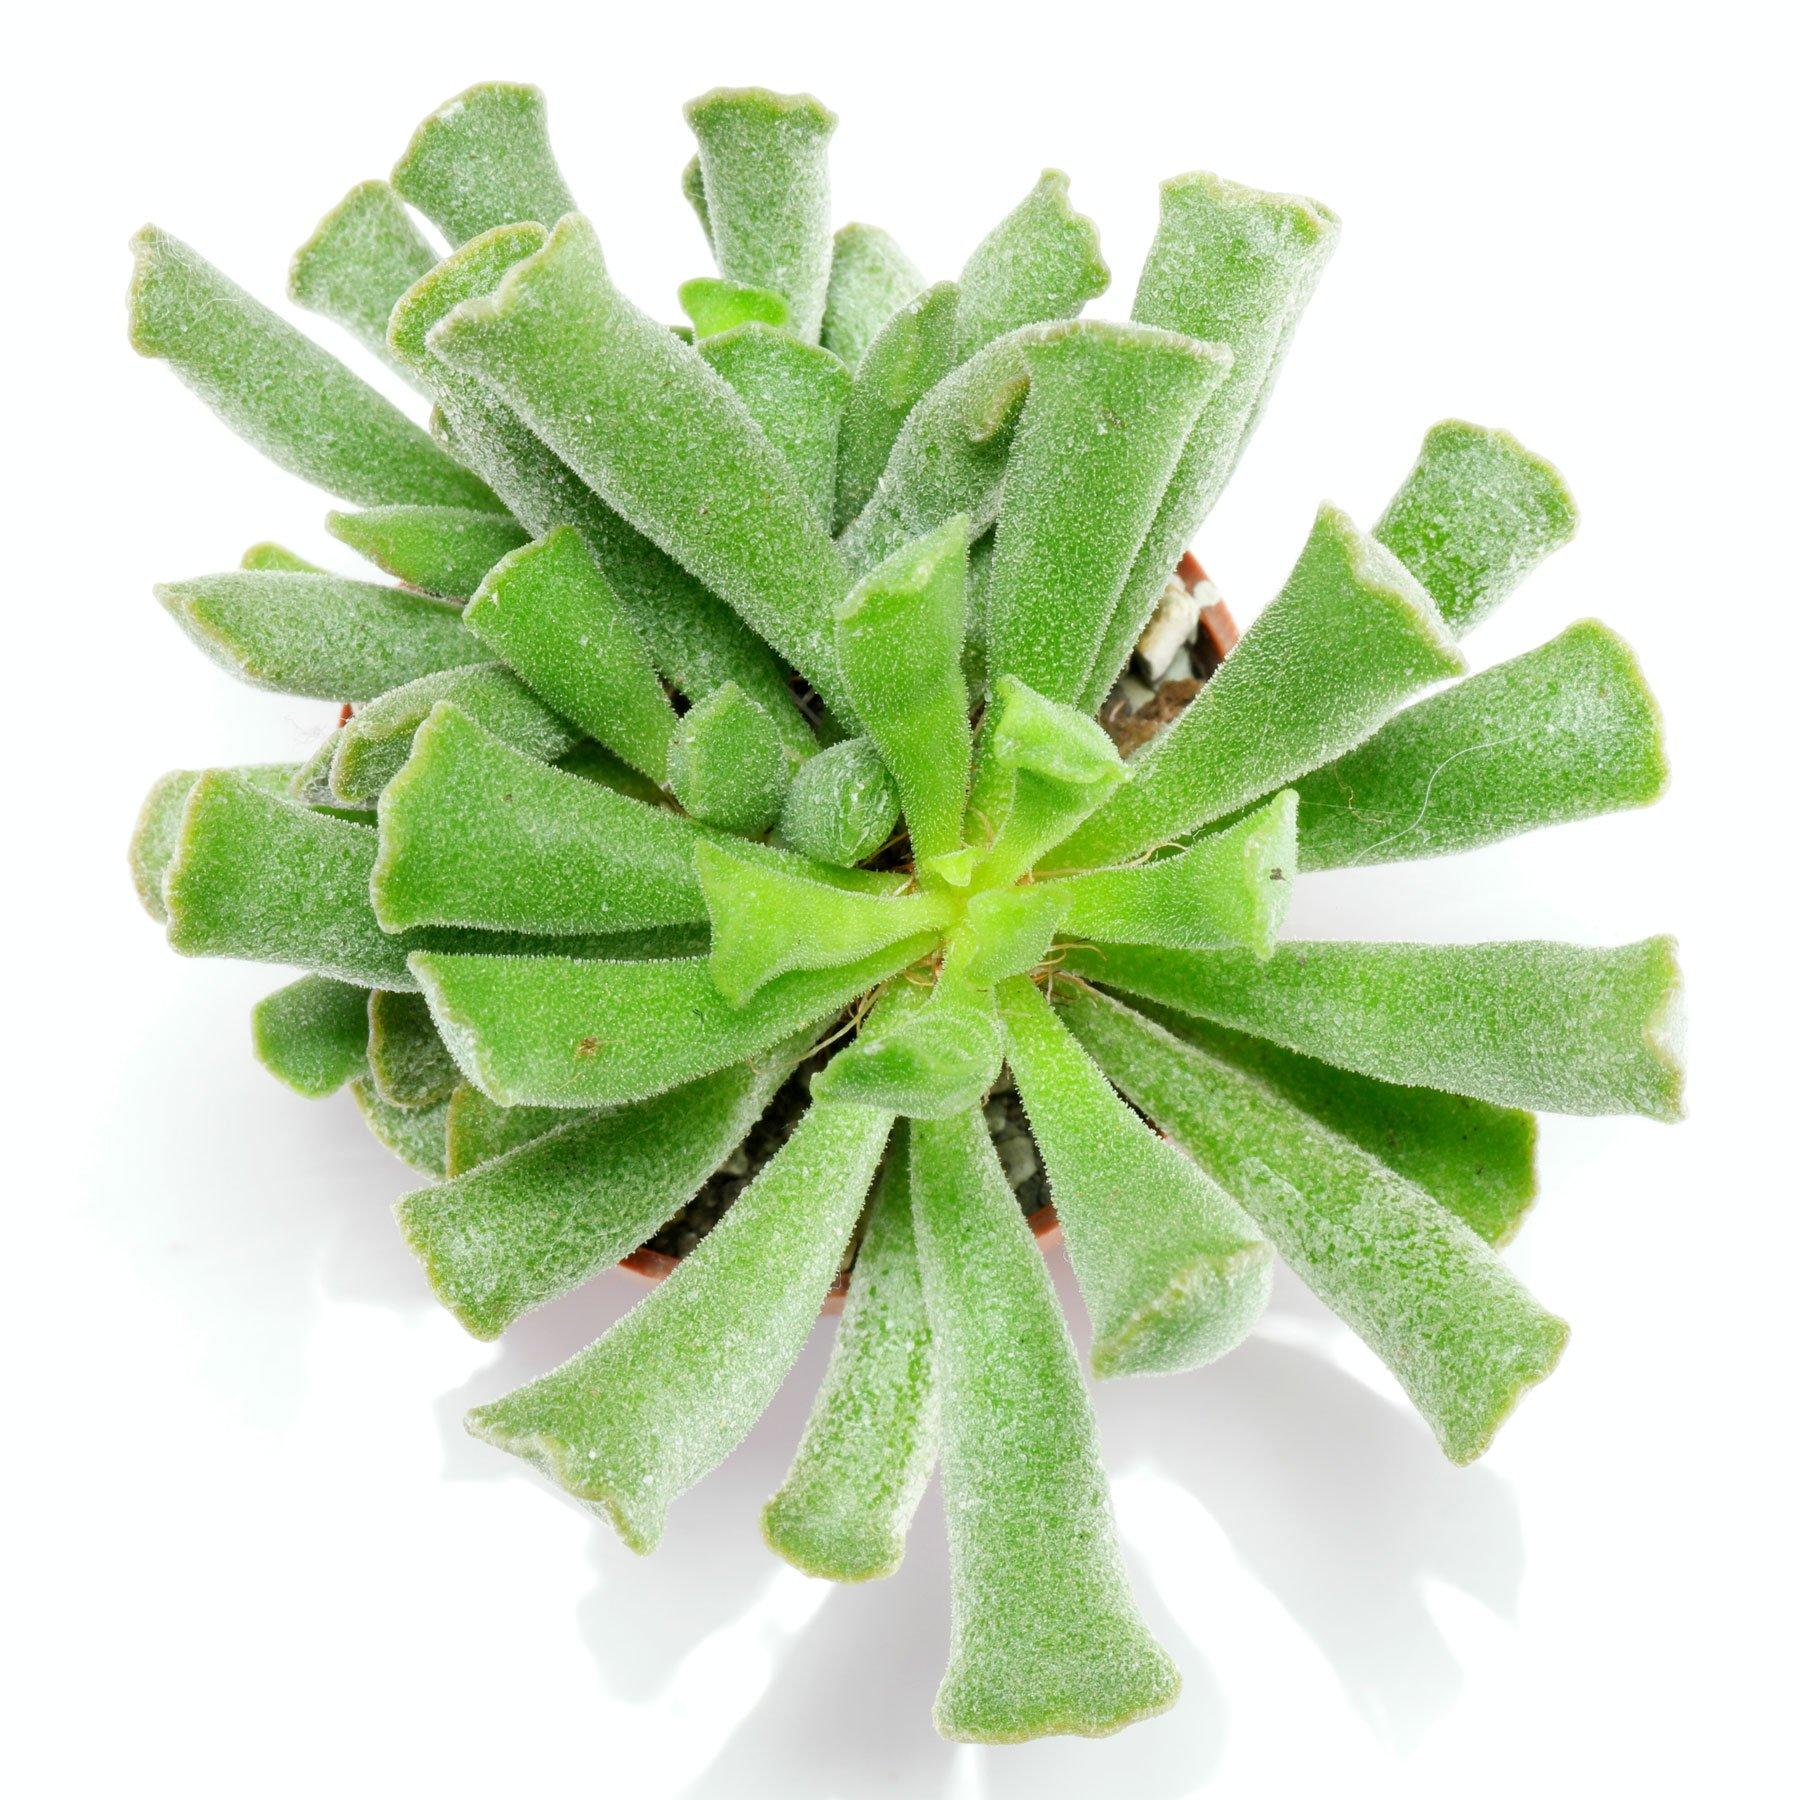 Adromischus cristatus var. clavifolius